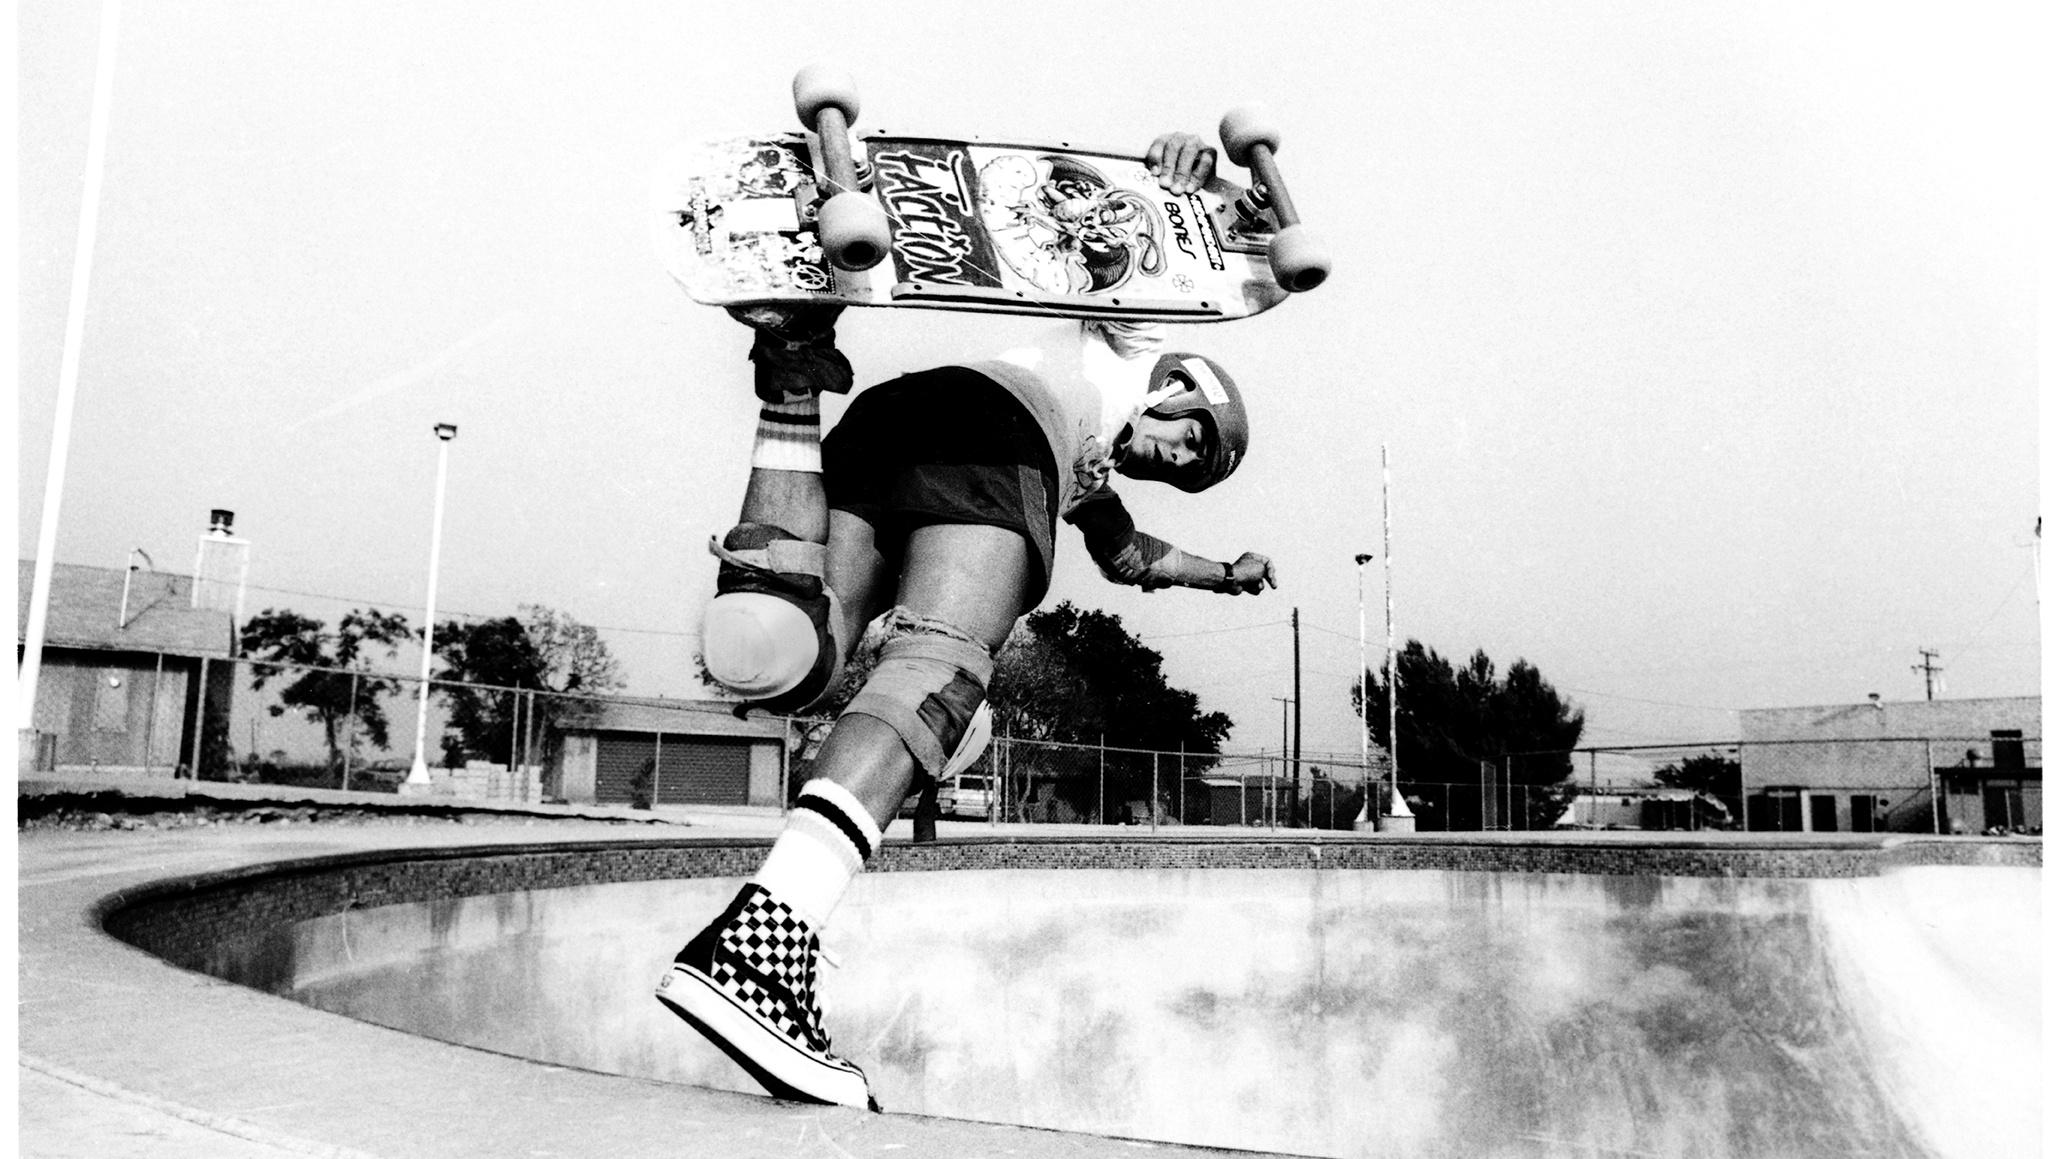 Skate legend Steve Caballero in his Vans